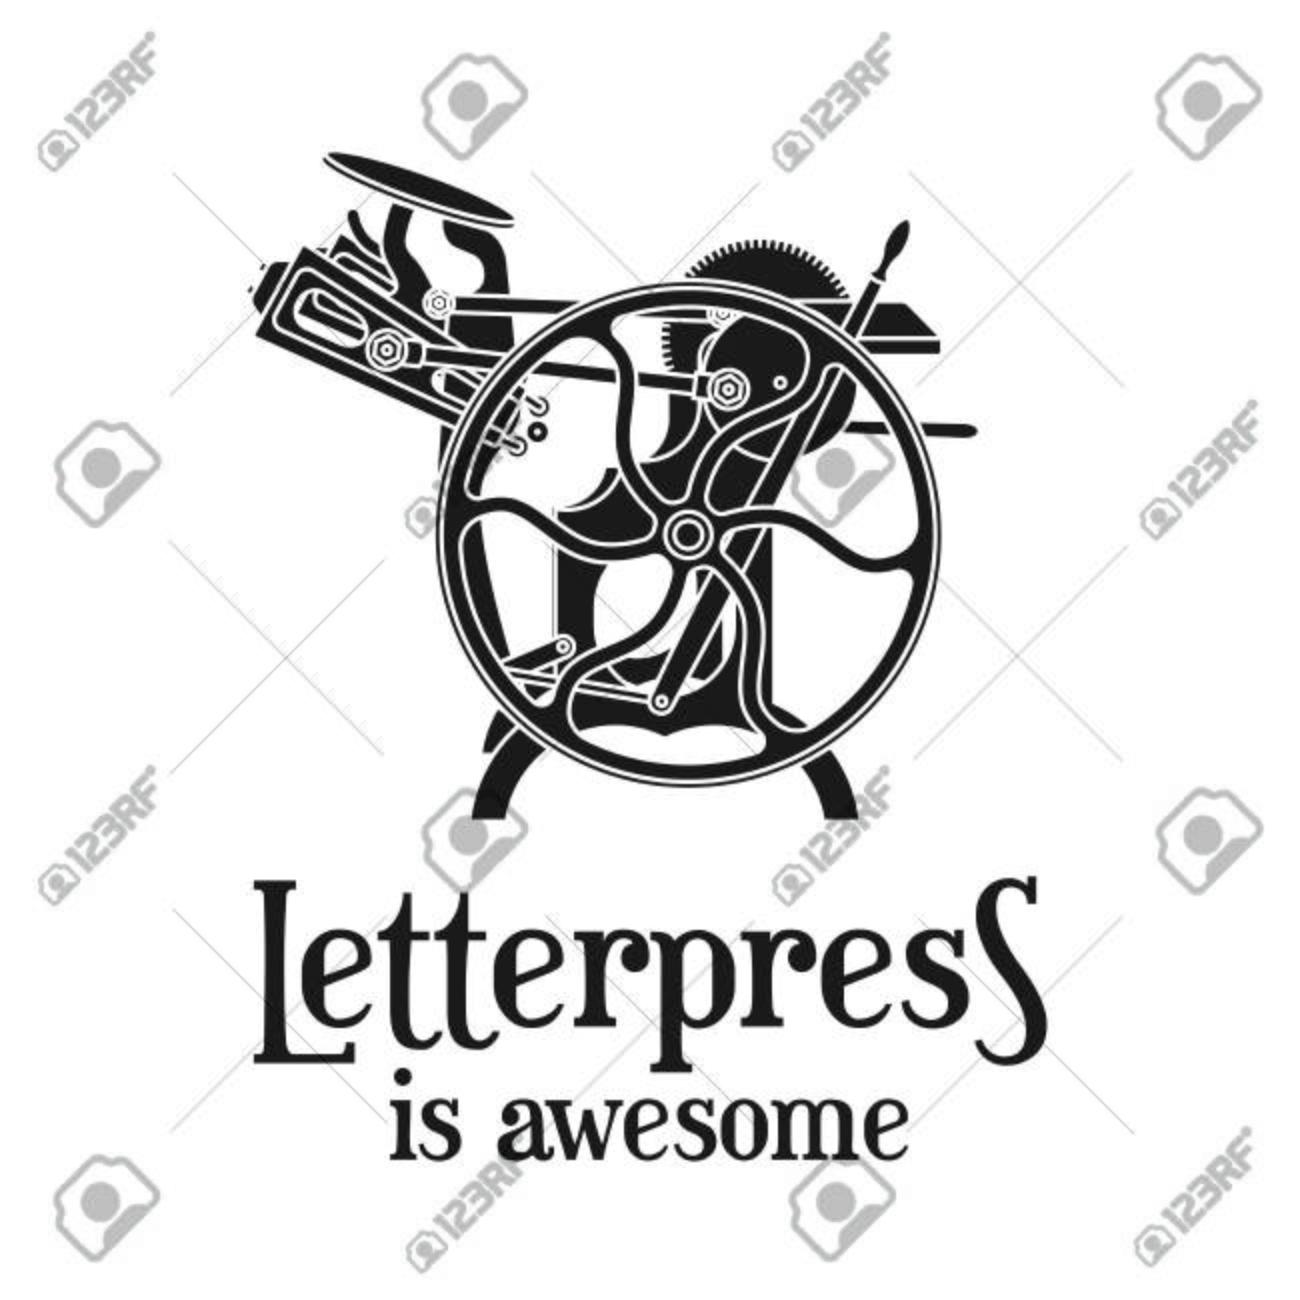 letterpress is awesome vector illustration vintage print logo